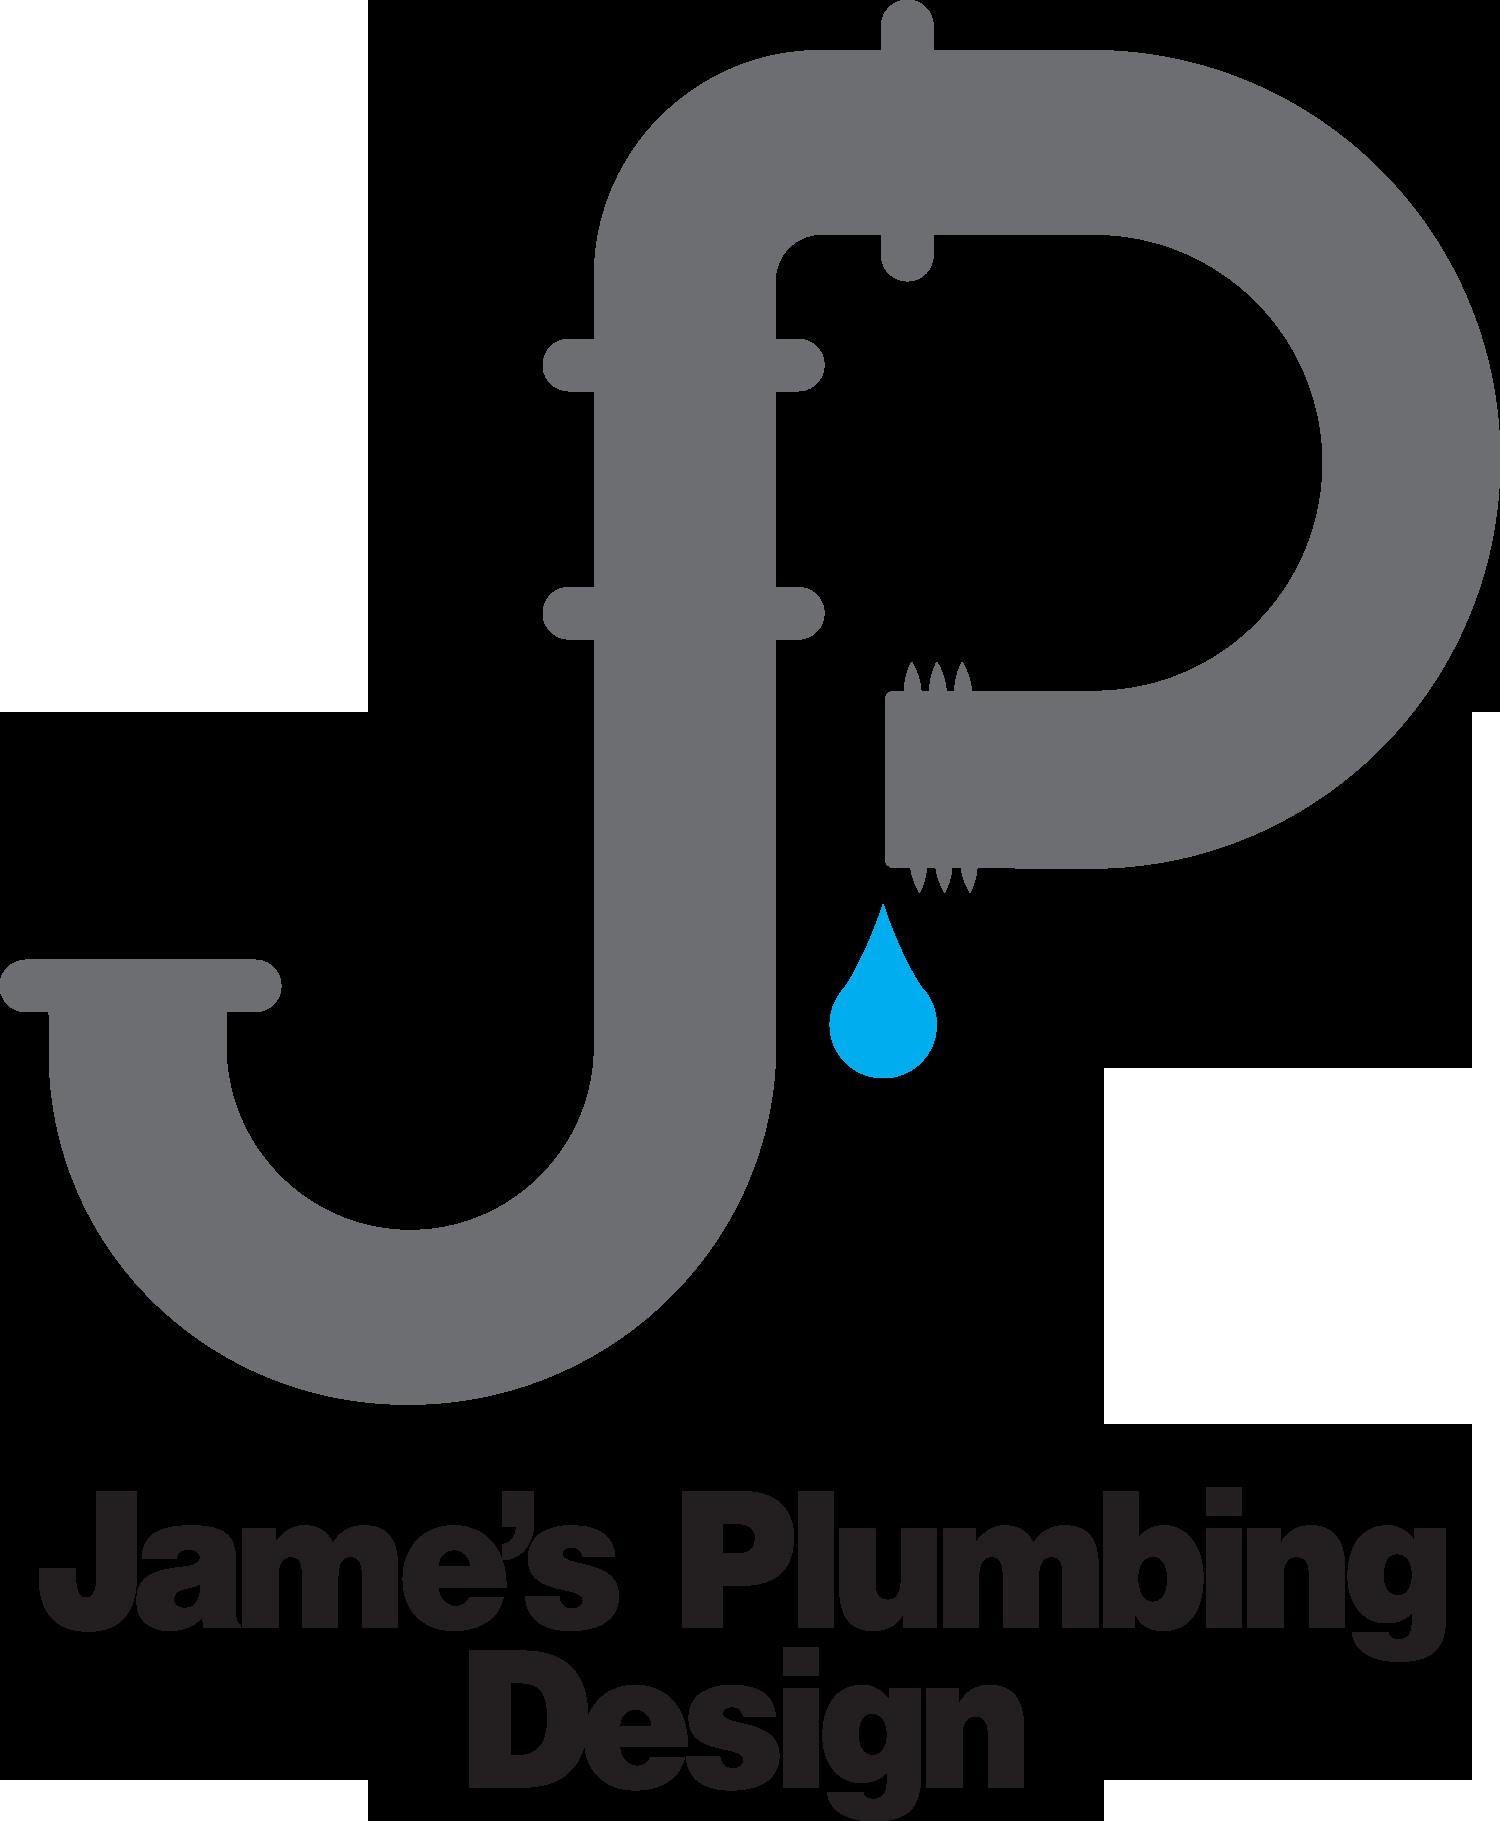 James' Plumbing Design